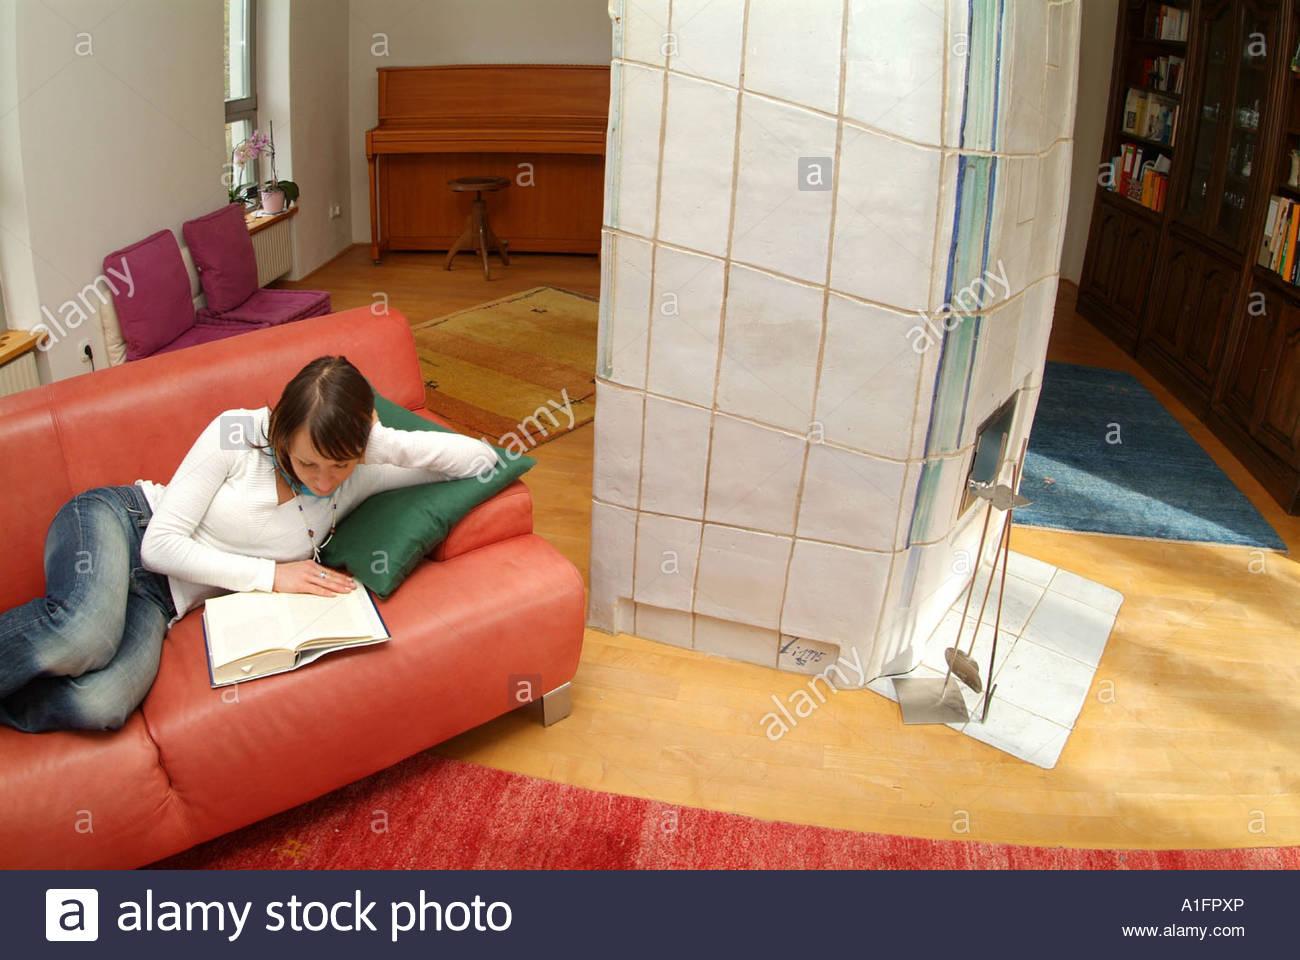 Junge Frau liegt gemütlich auf einer Couch im Wohnzimmer und liest ...